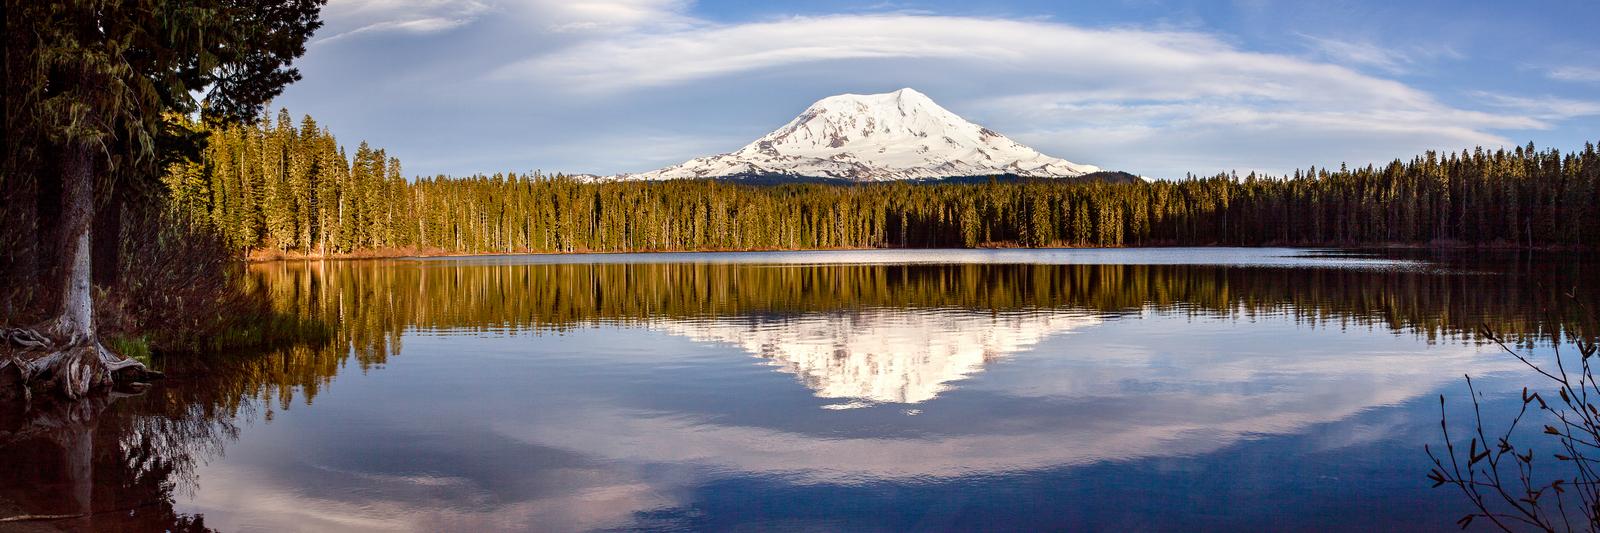 Takhlakh-Lake-1600x533-header_7414.jpg